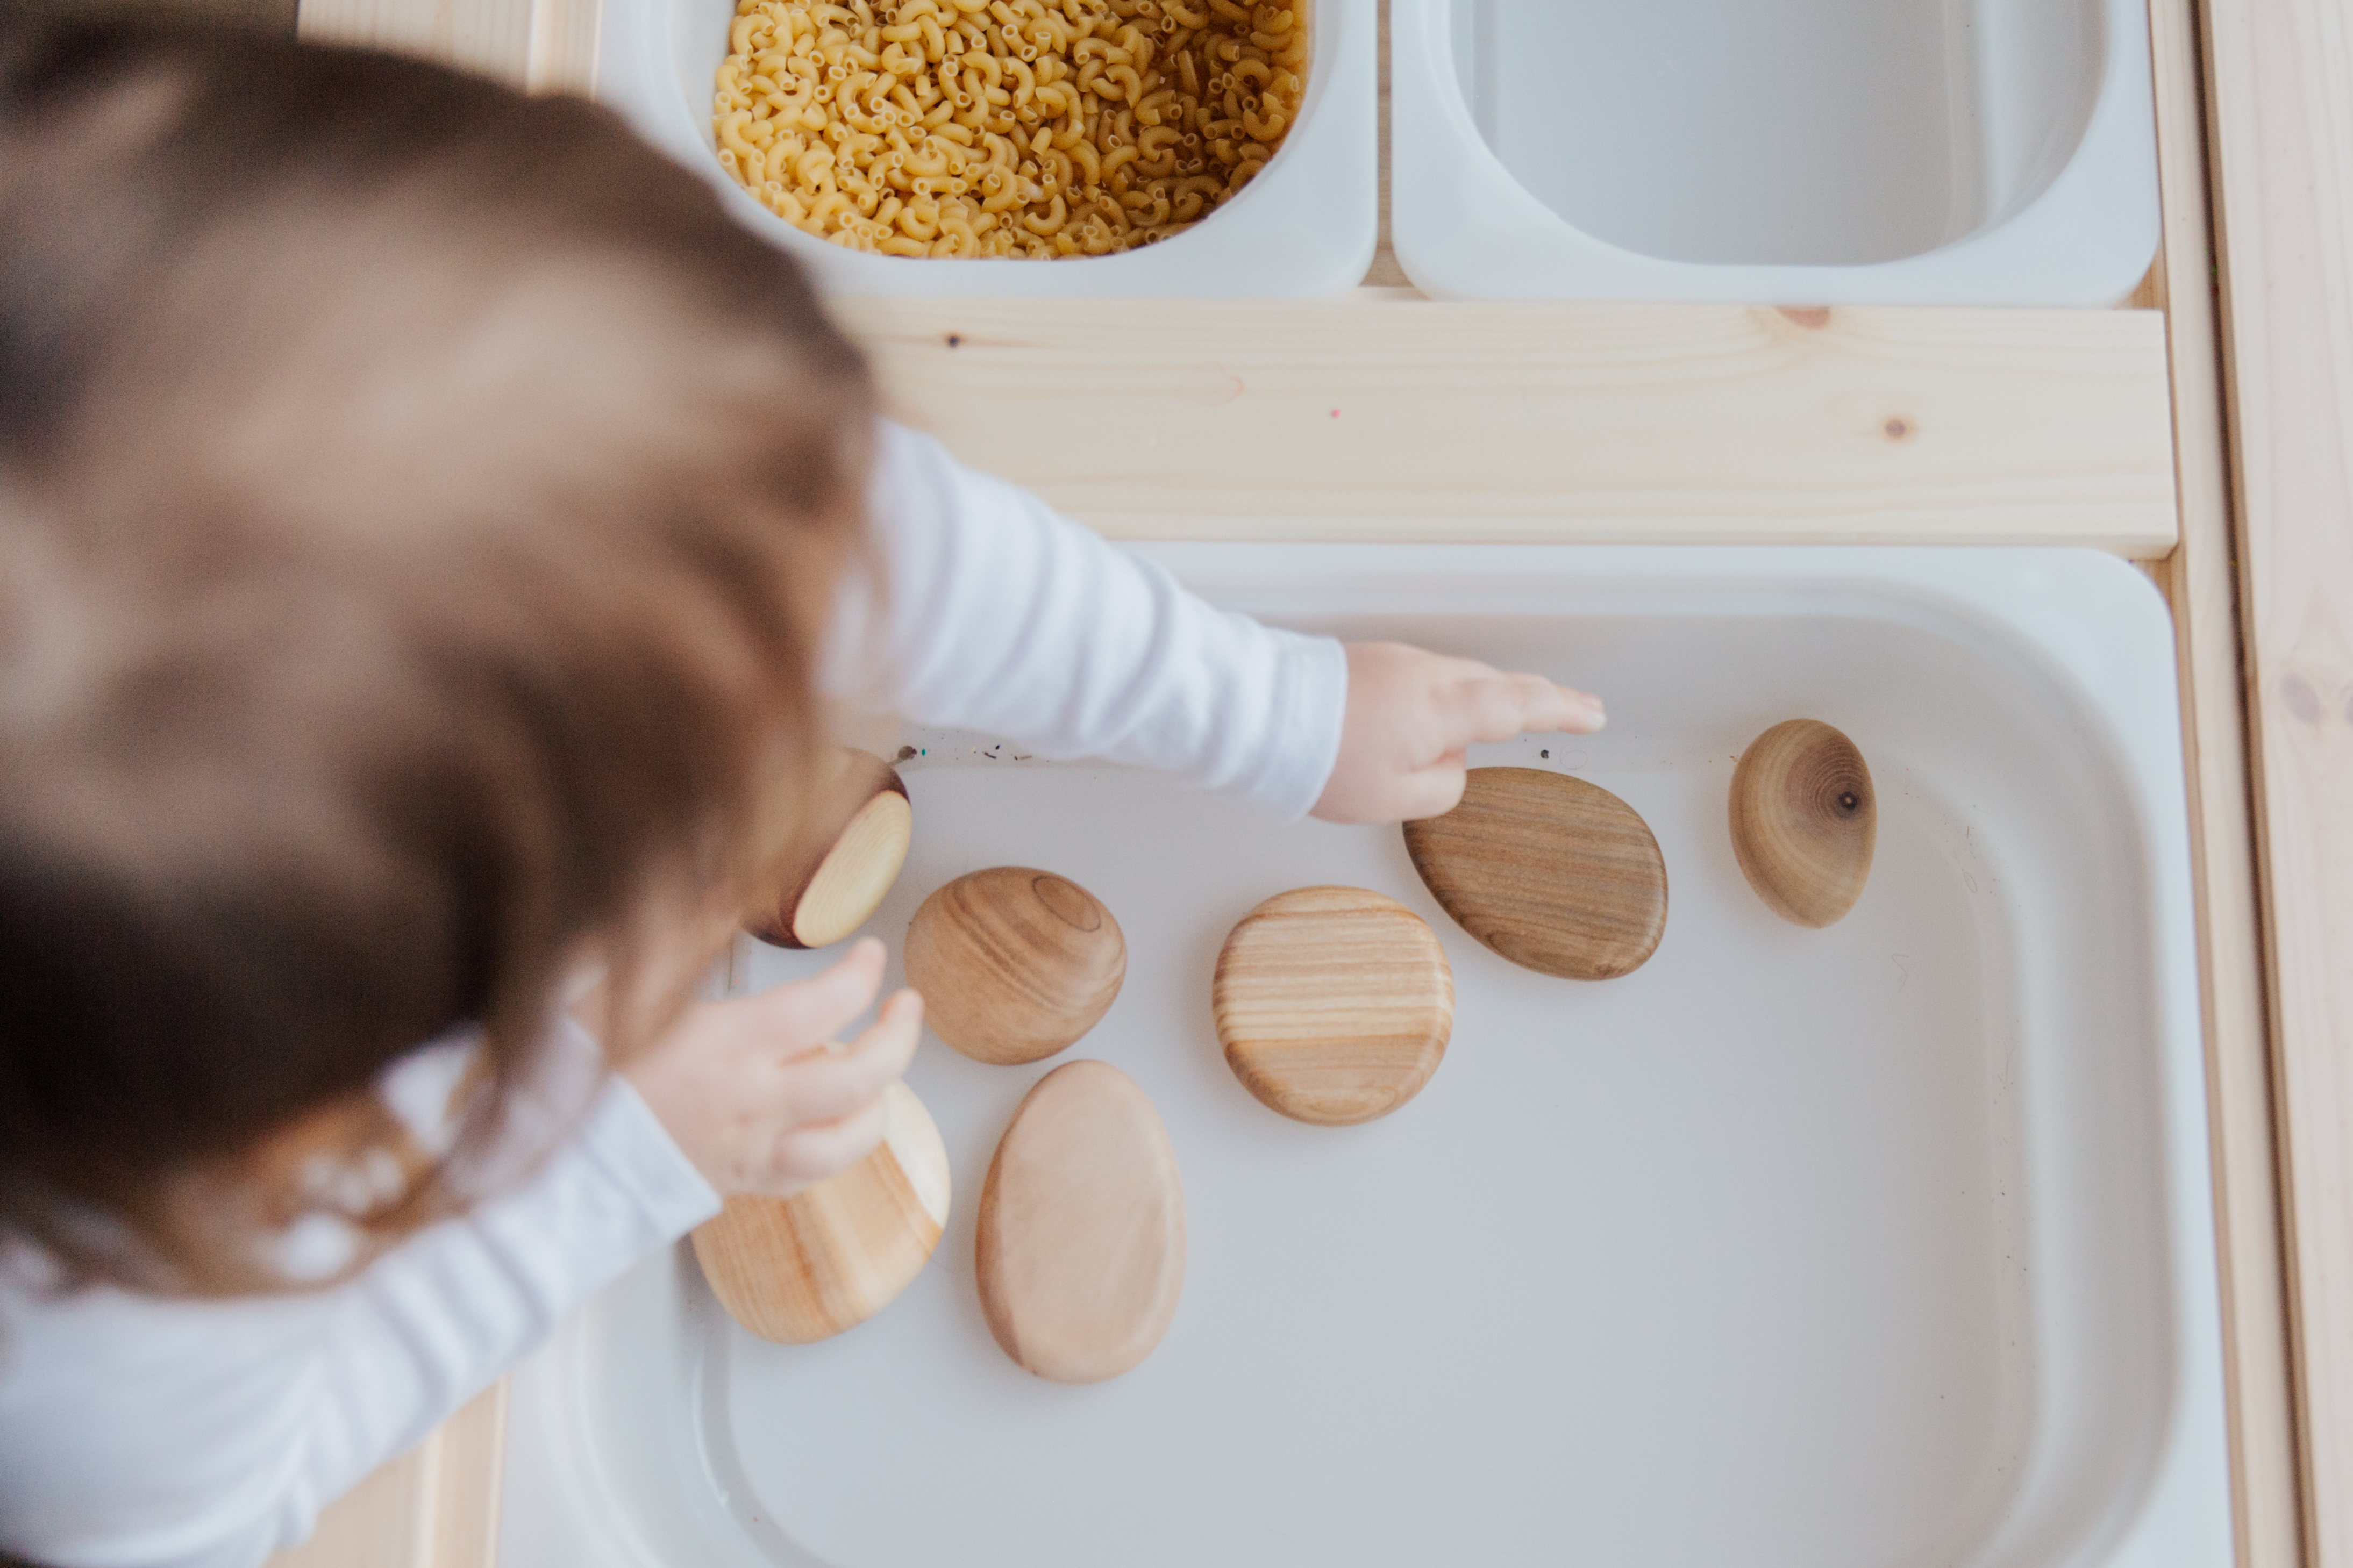 Encourager l'autonomie chez l'enfant grâce à la pédagogie Montessori